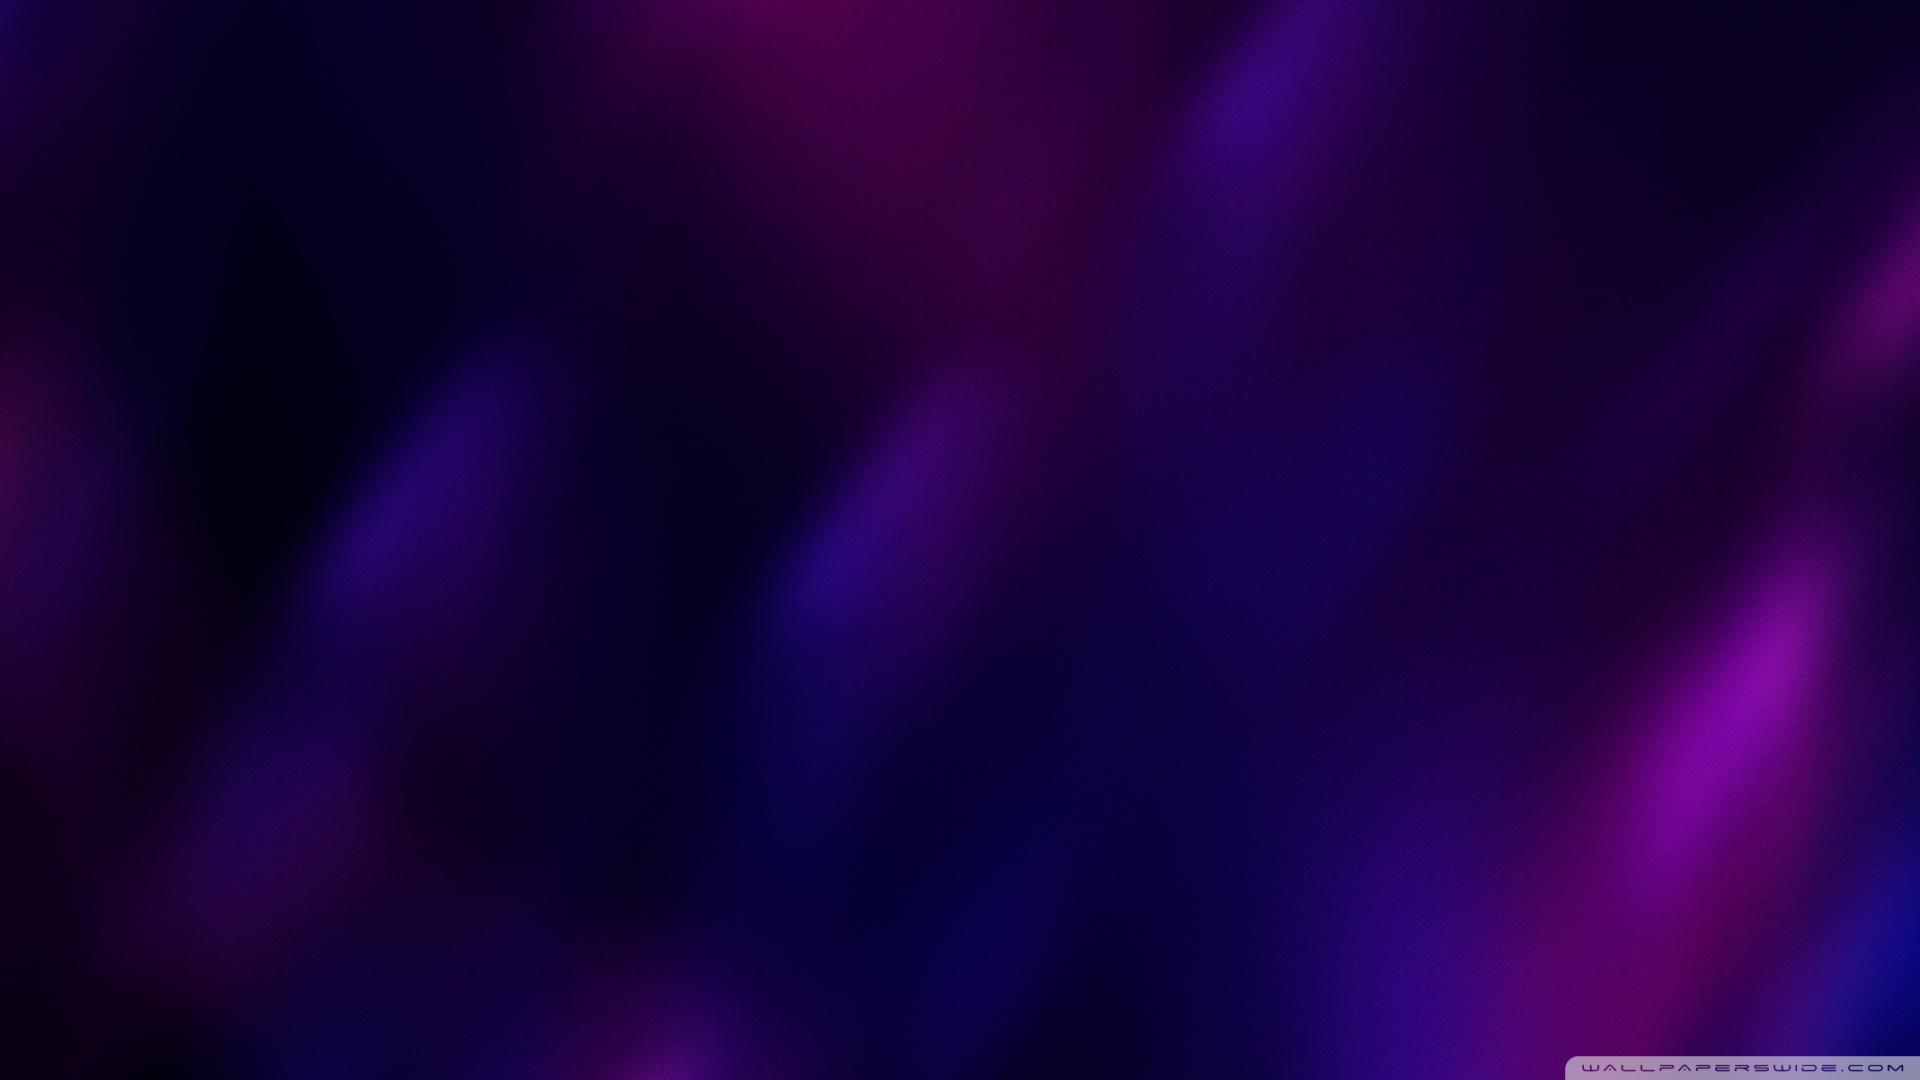 dark color wallpaper - wallpapersafari